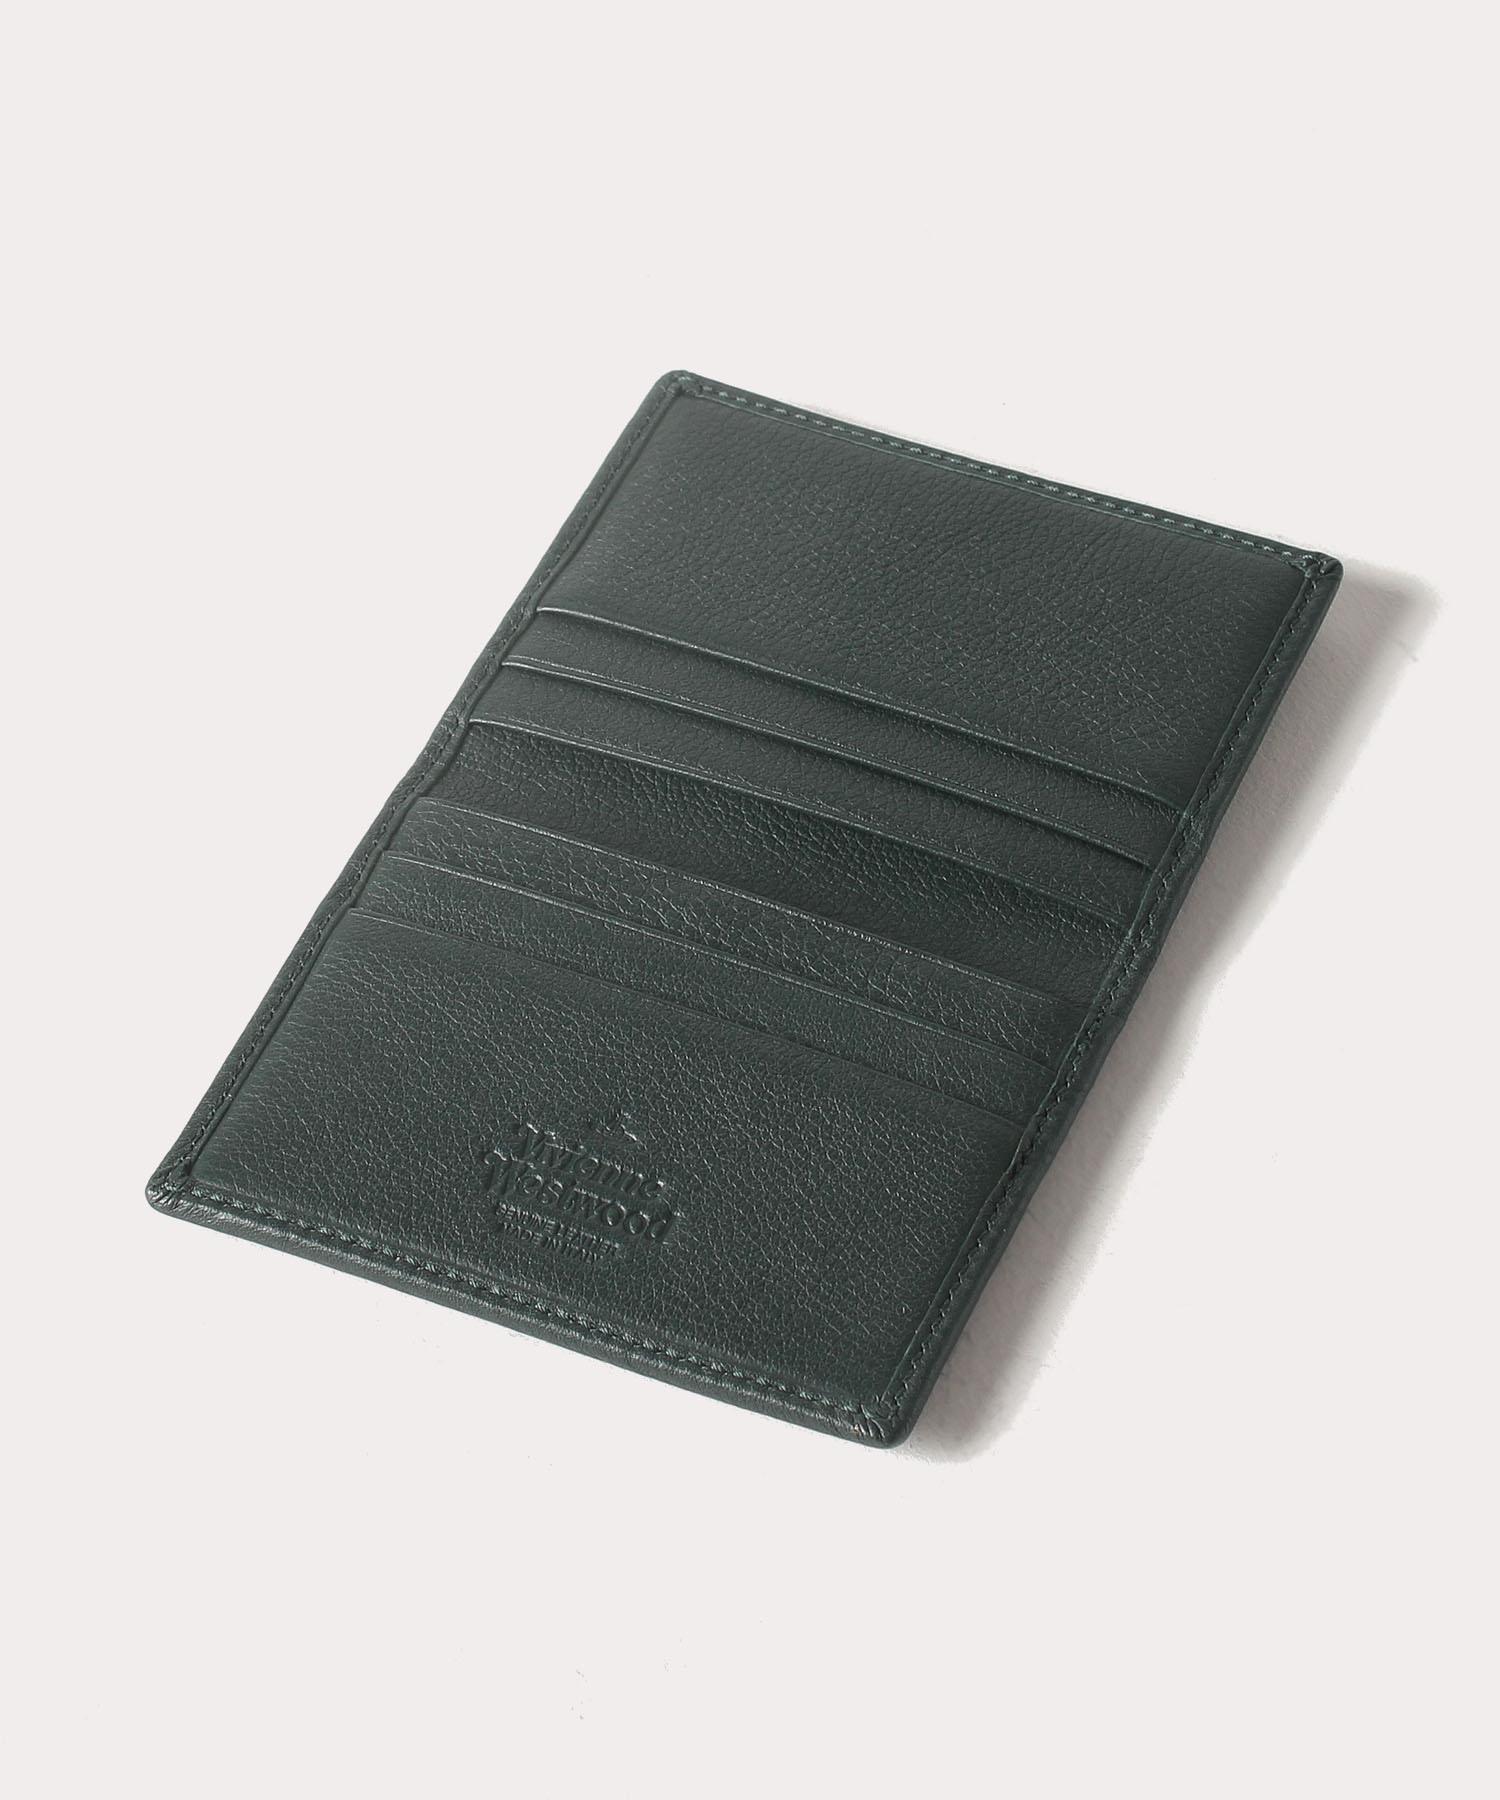 オンラインショップ限定カラー BELFAST カードケース